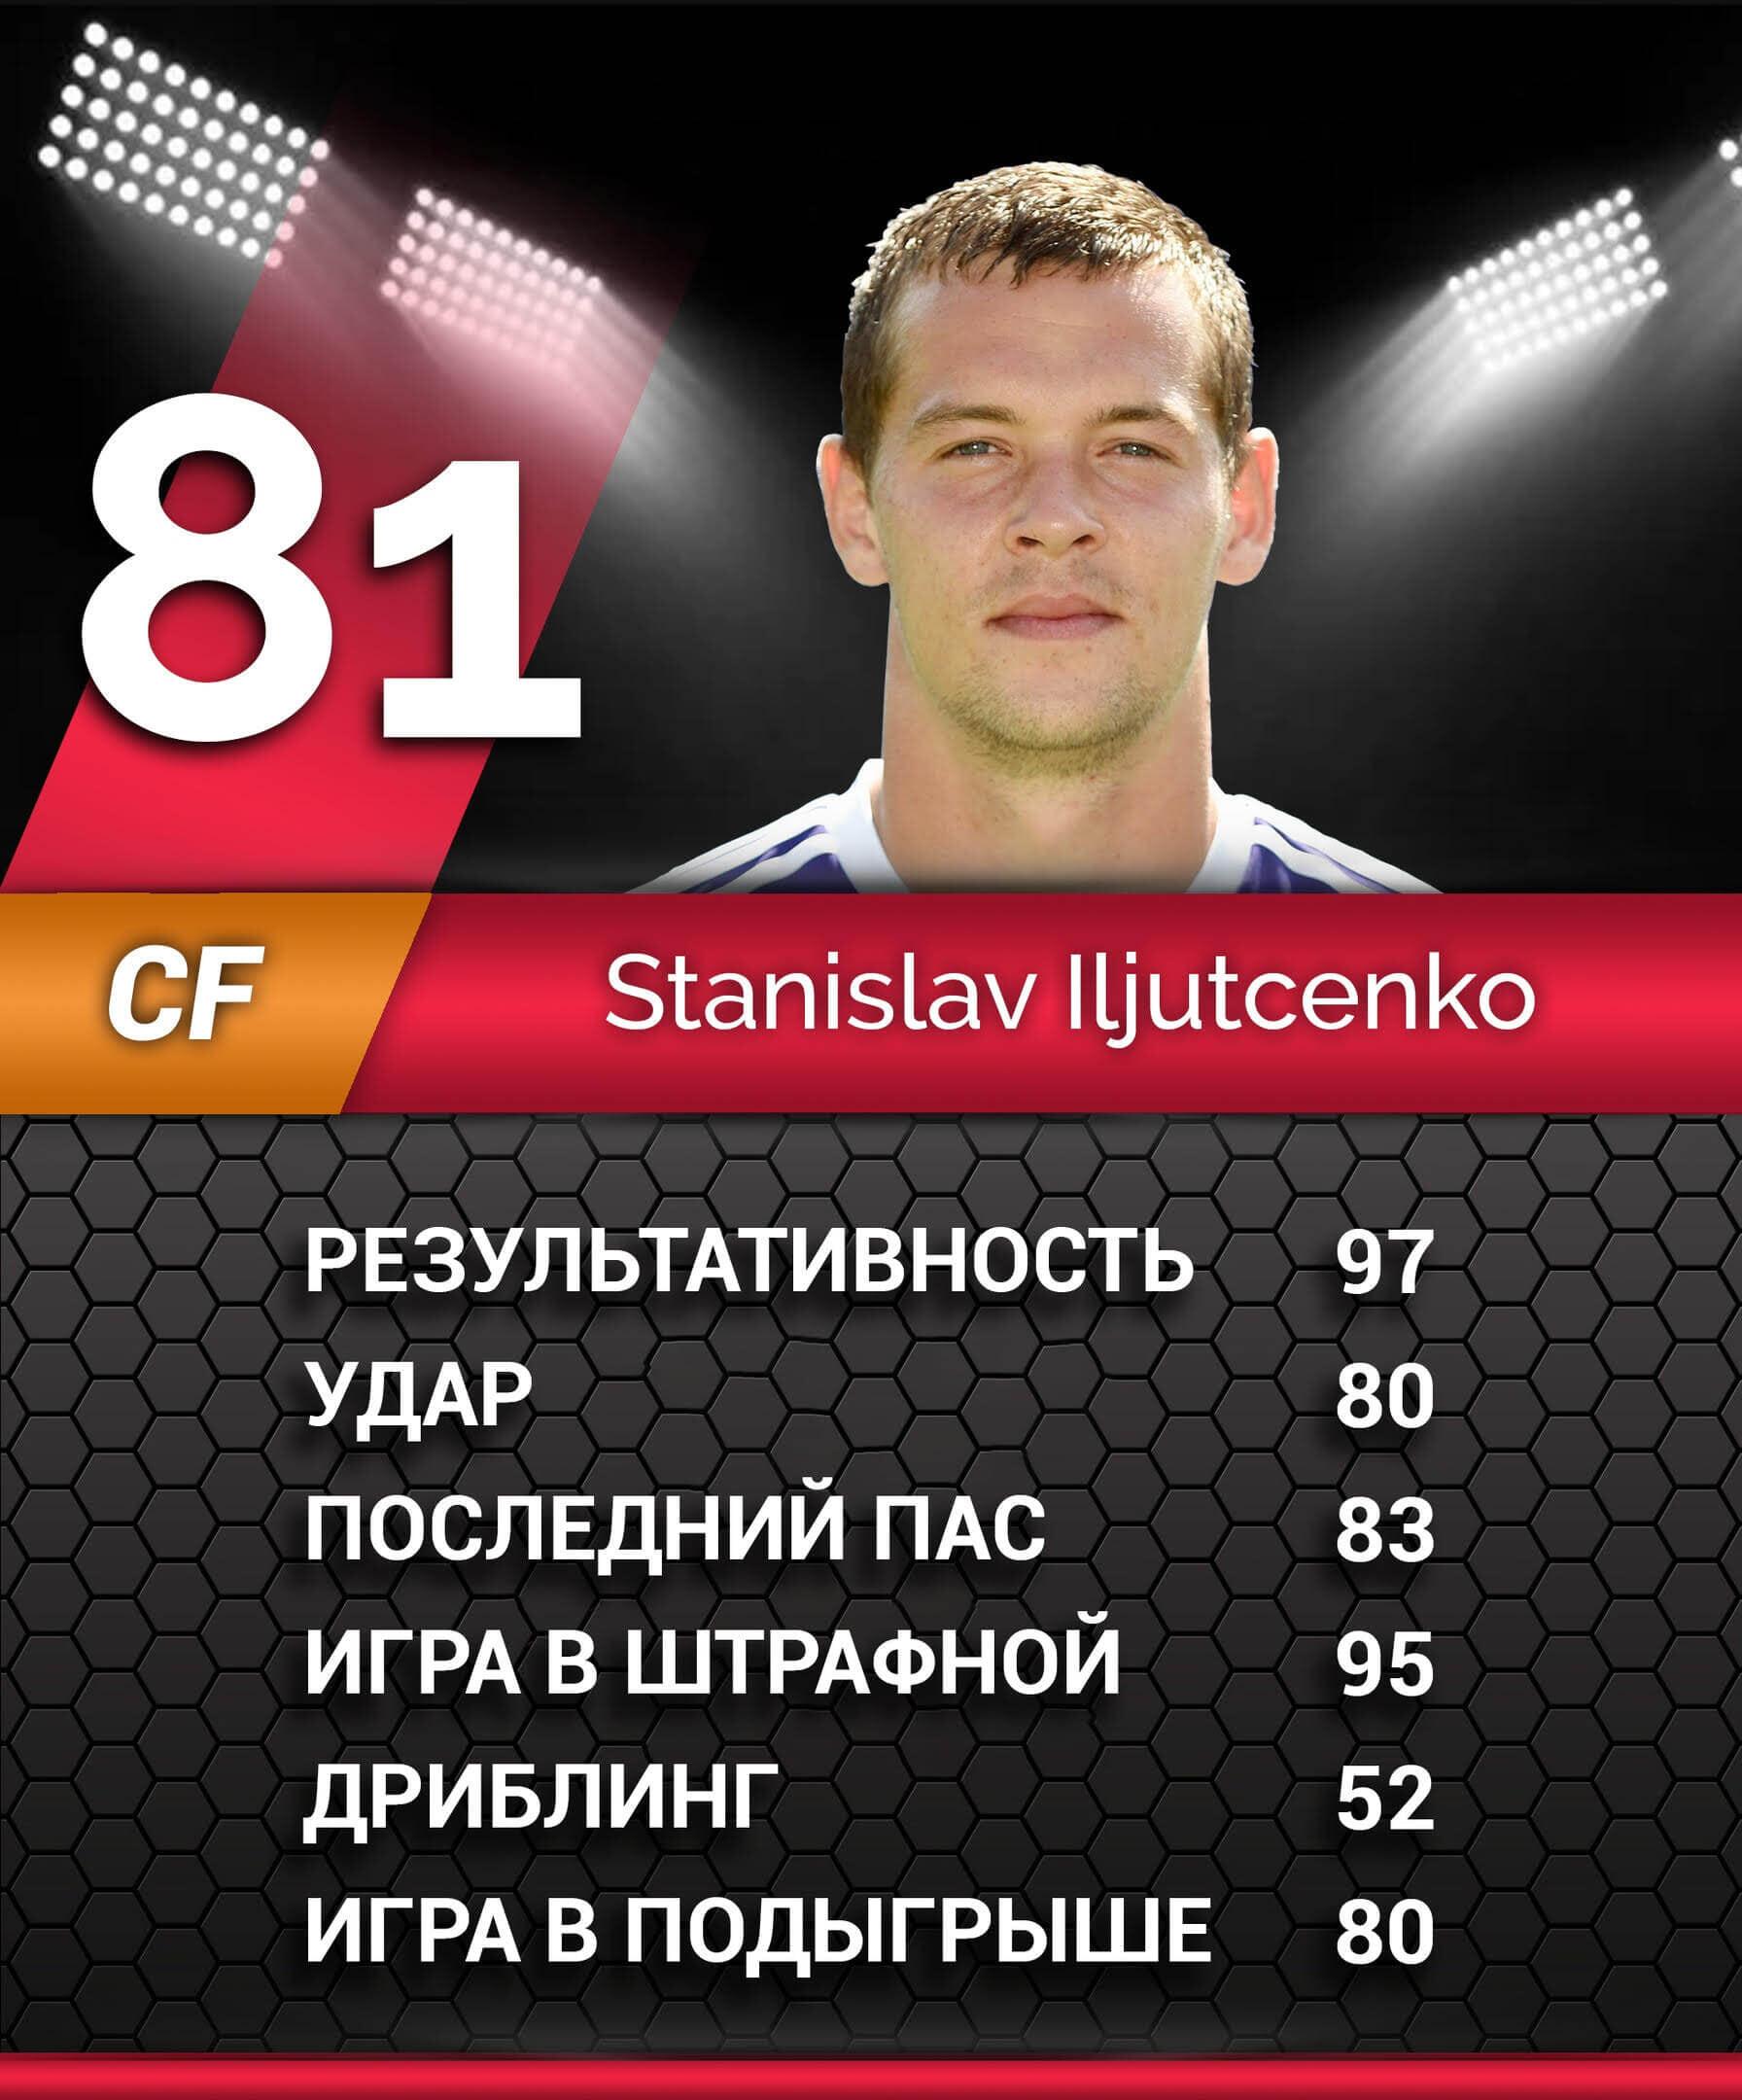 Вы возмутились рейтингом от аналитика ЦСКА. Он еще раз объяснил логику и публикует вторую серию – про больших форвардов